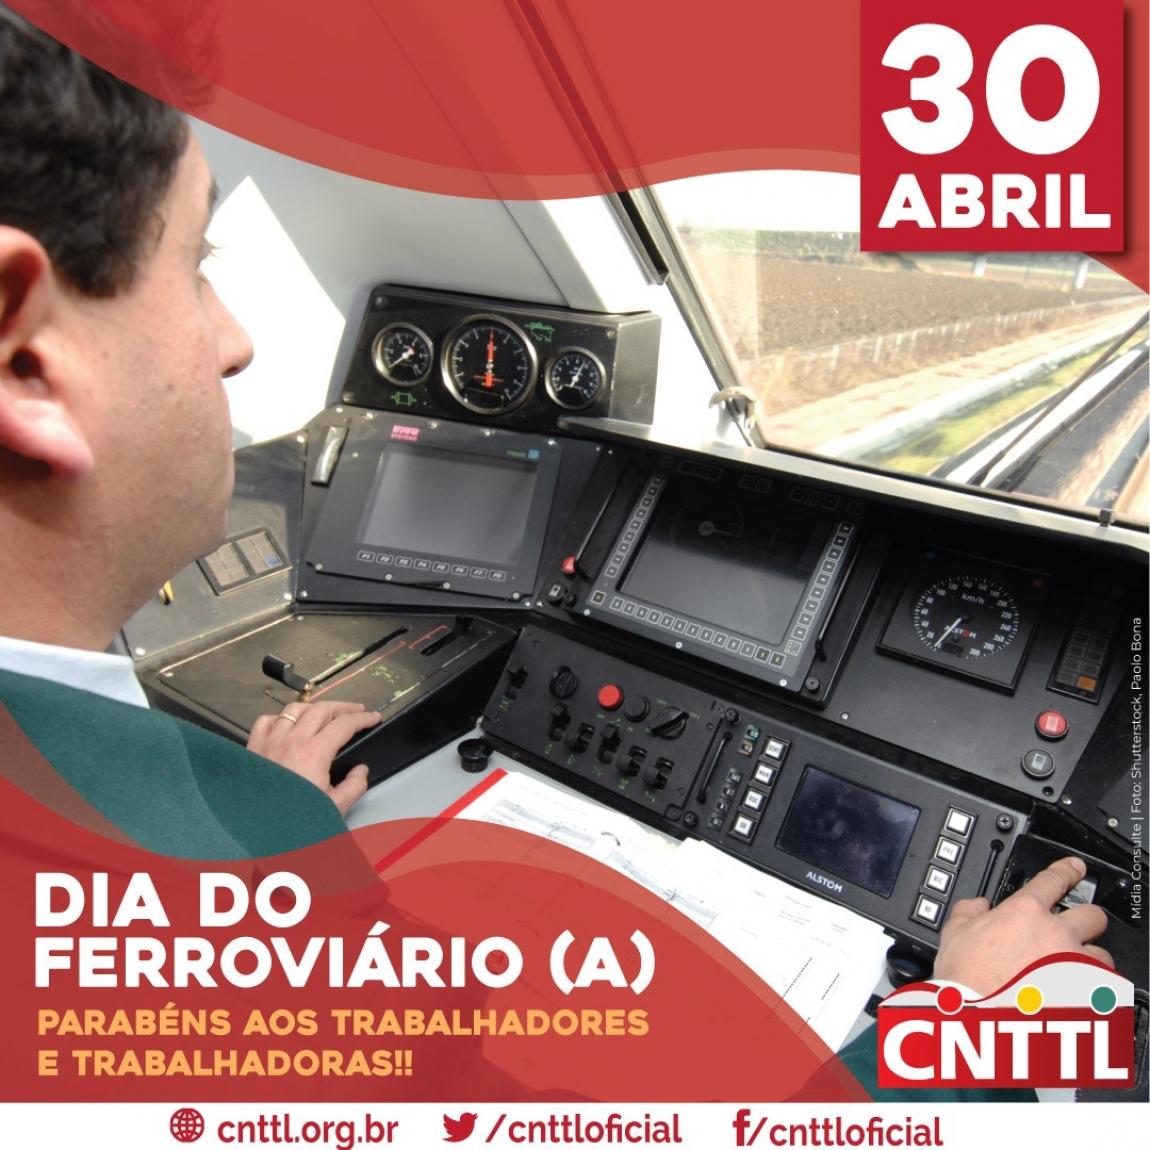 Imagem de CNTTL parabeniza os ferroviários e ferroviárias do Brasil